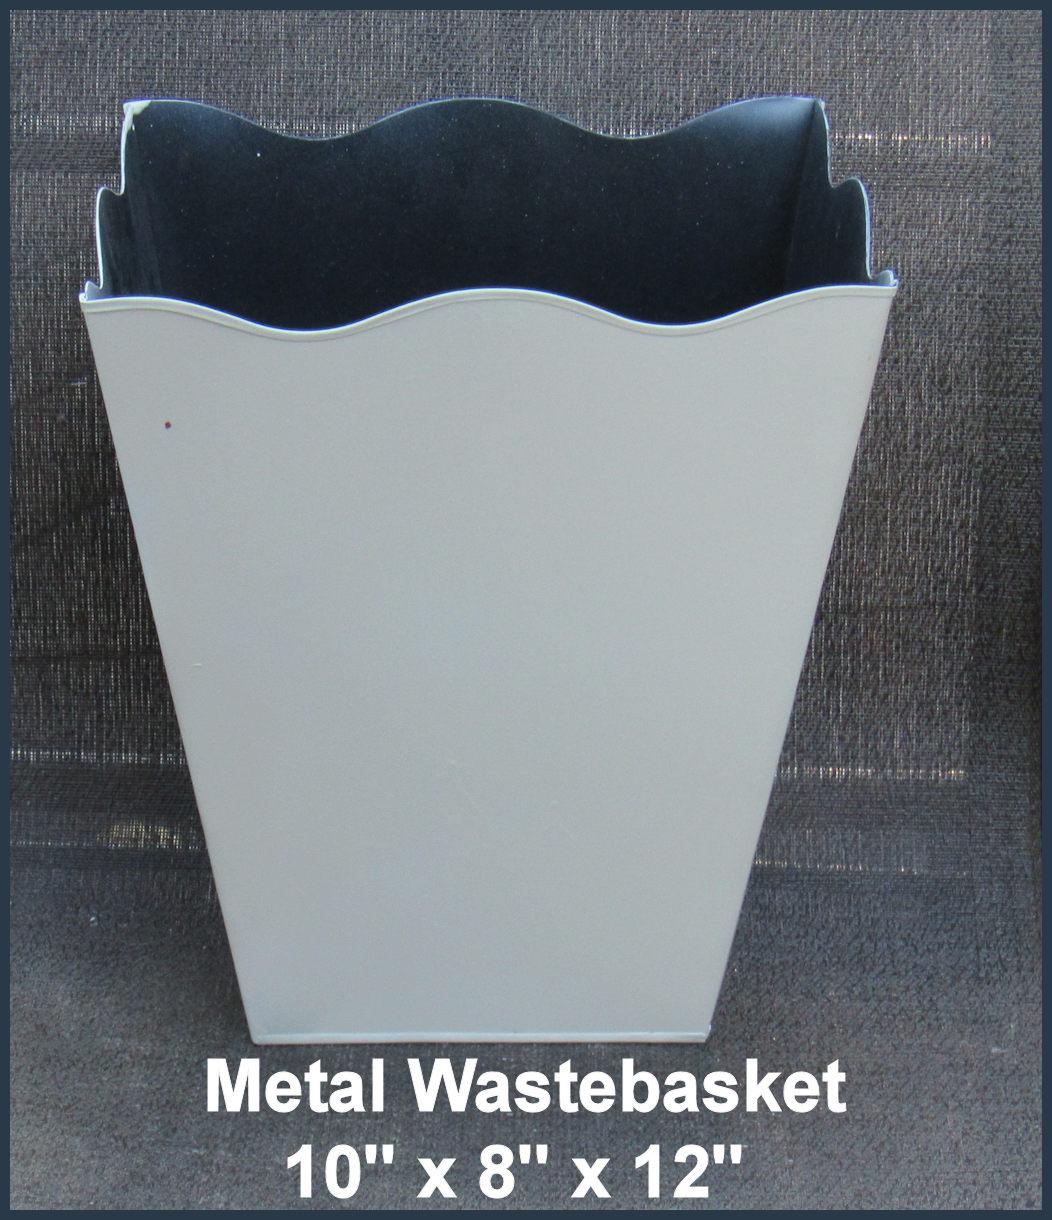 metal-wastebasket-12-tall-20170928.jpg